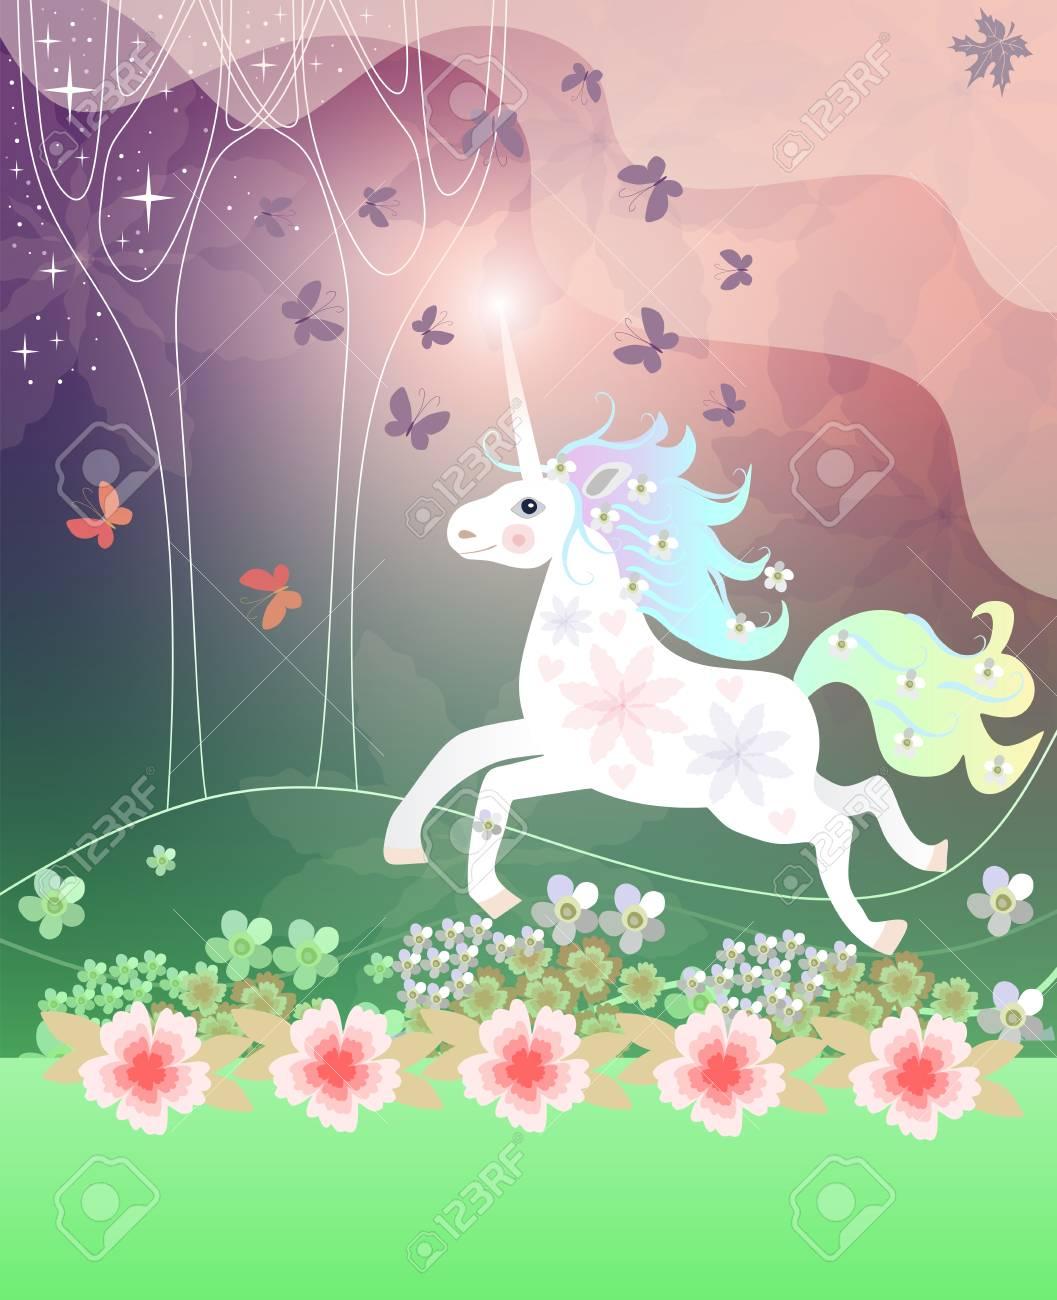 Couverture De Livre Carte De Voeux Ou Serviette Avec La Licorne Gaie Dans La Foret Magique